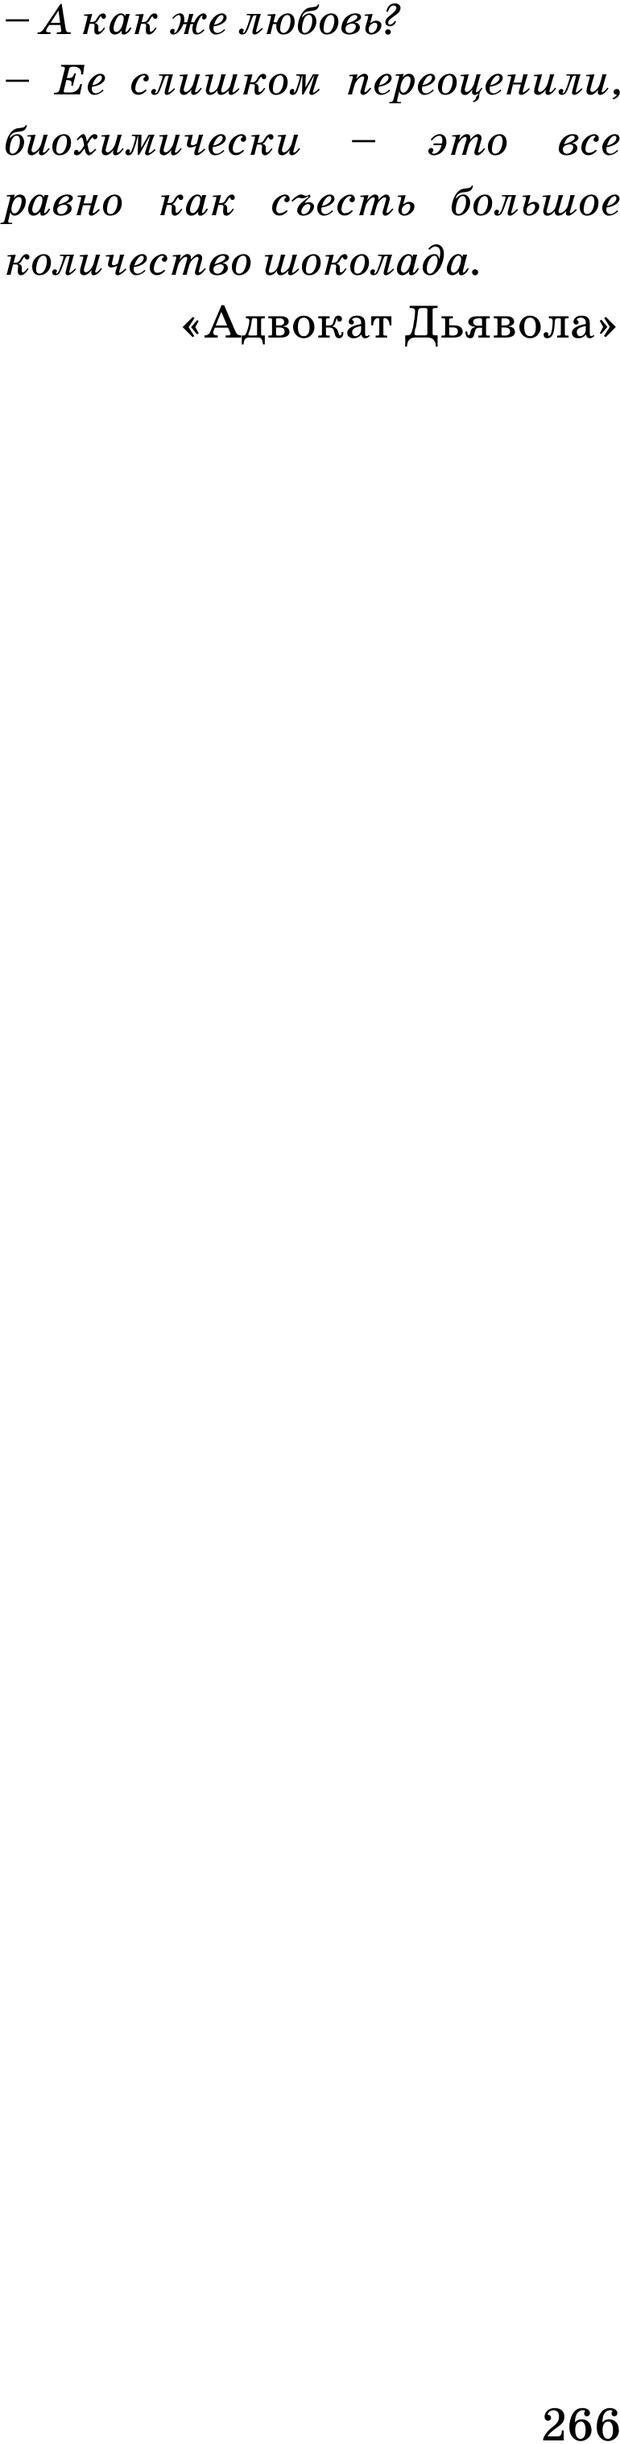 PDF. Русская Модель Эффективного Соблазнения. Мастерский курс. Богачев Ф. О. Страница 261. Читать онлайн